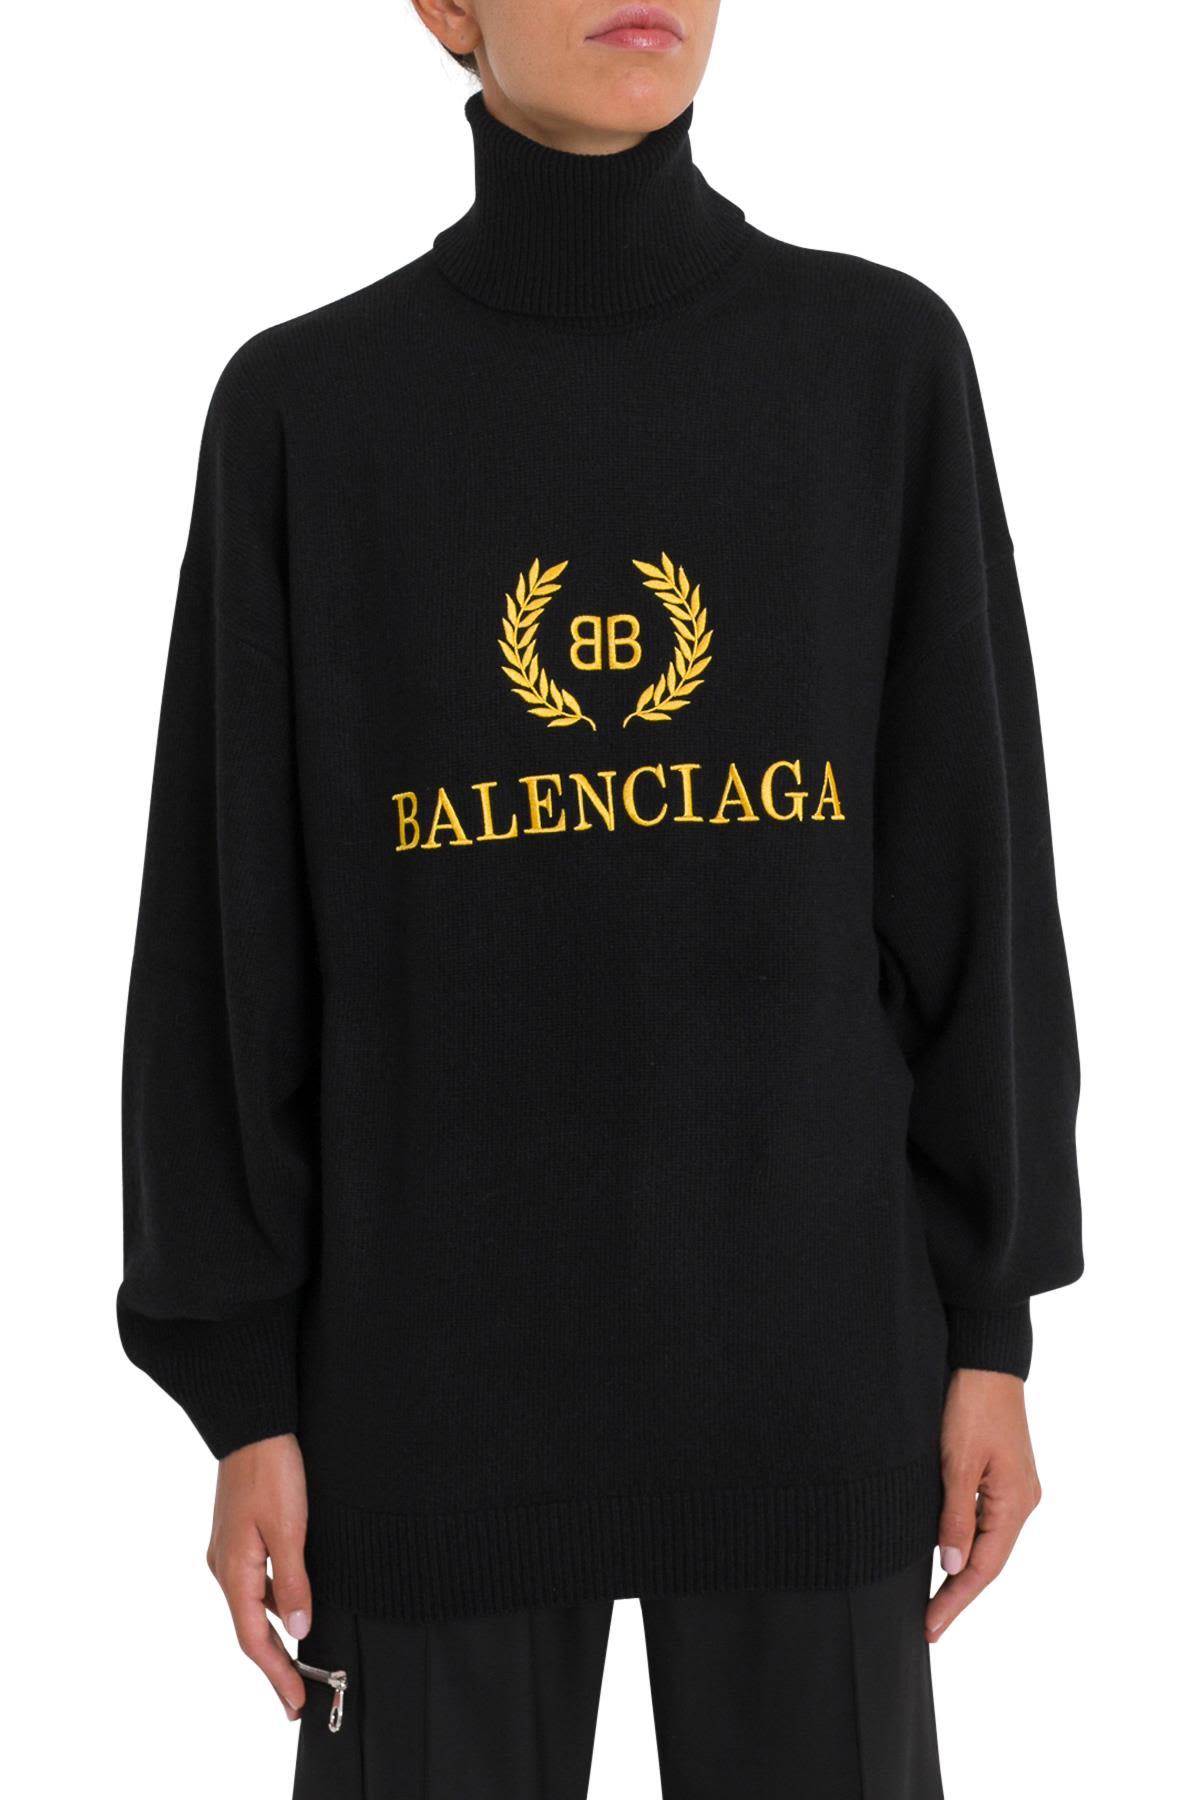 Balenciaga Clothing BB TURTLENECK